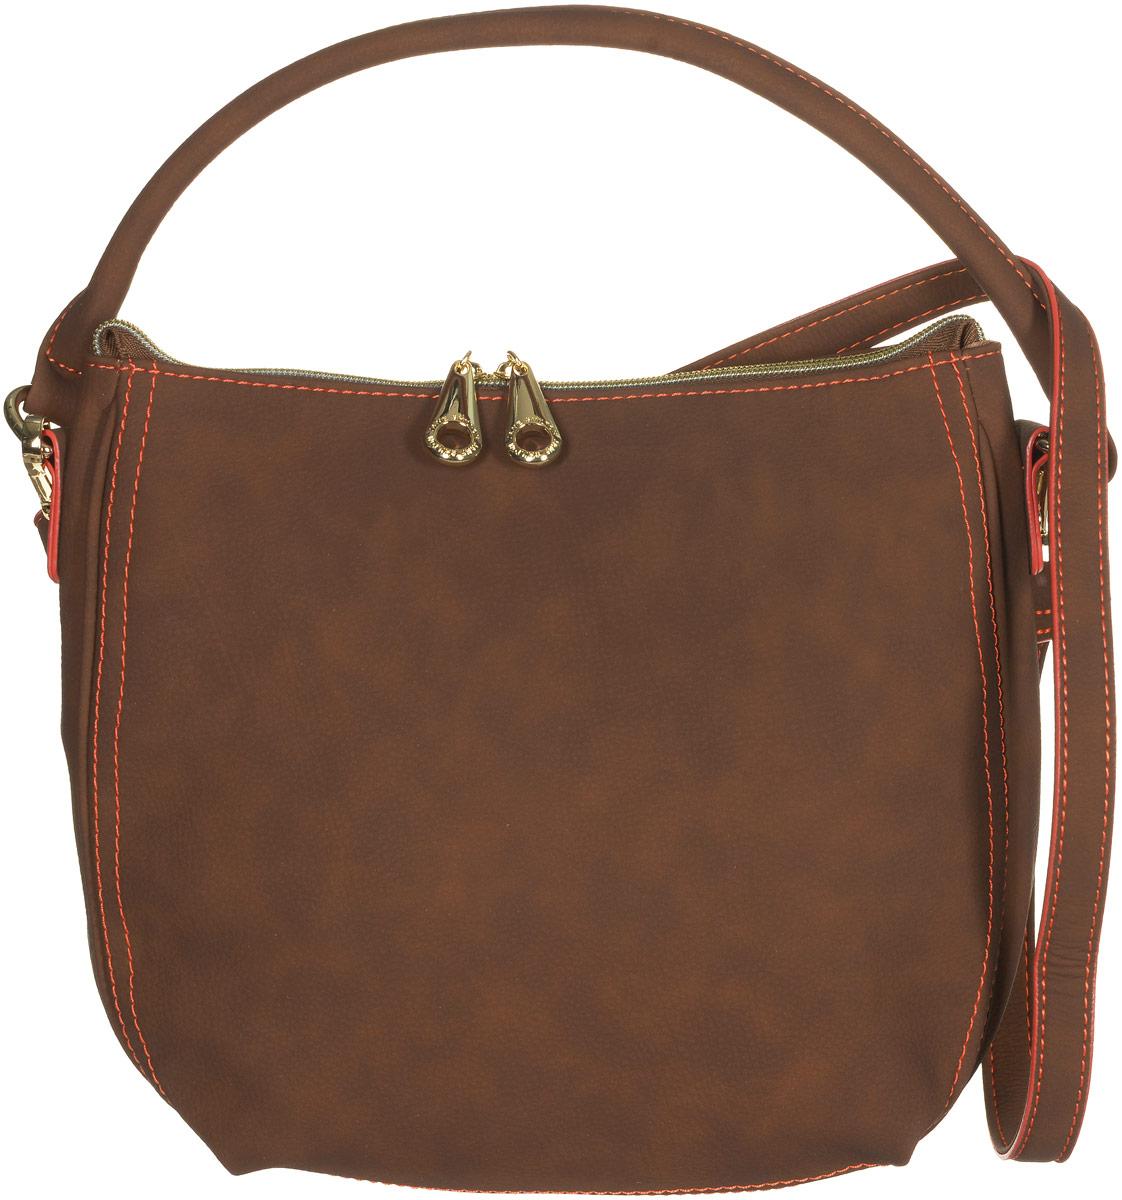 Сумка женская Jane Shilton, цвет: коричневый. 21442144lt_brСтильная сумка Jane Shilton не оставит вас равнодушной благодаря своему дизайну и практичности. Она изготовлена из качественной искусственной кожи и оформлена контрастной прострочкой. На тыльной стороне расположен удобный вшитый карман на молнии. Сумка оснащена удобной ручкой и съемным плечевым ремнем, который фиксируется с помощью замков-карабинов. Изделие закрывается на удобную молнию. Внутри расположено главное отделение, которое содержит один открытый накладной карман для телефона и один вшитый карман на молнии для мелочей. Такая модная и практичная сумка завершит ваш образ и станет незаменимым аксессуаром в вашем гардеробе.